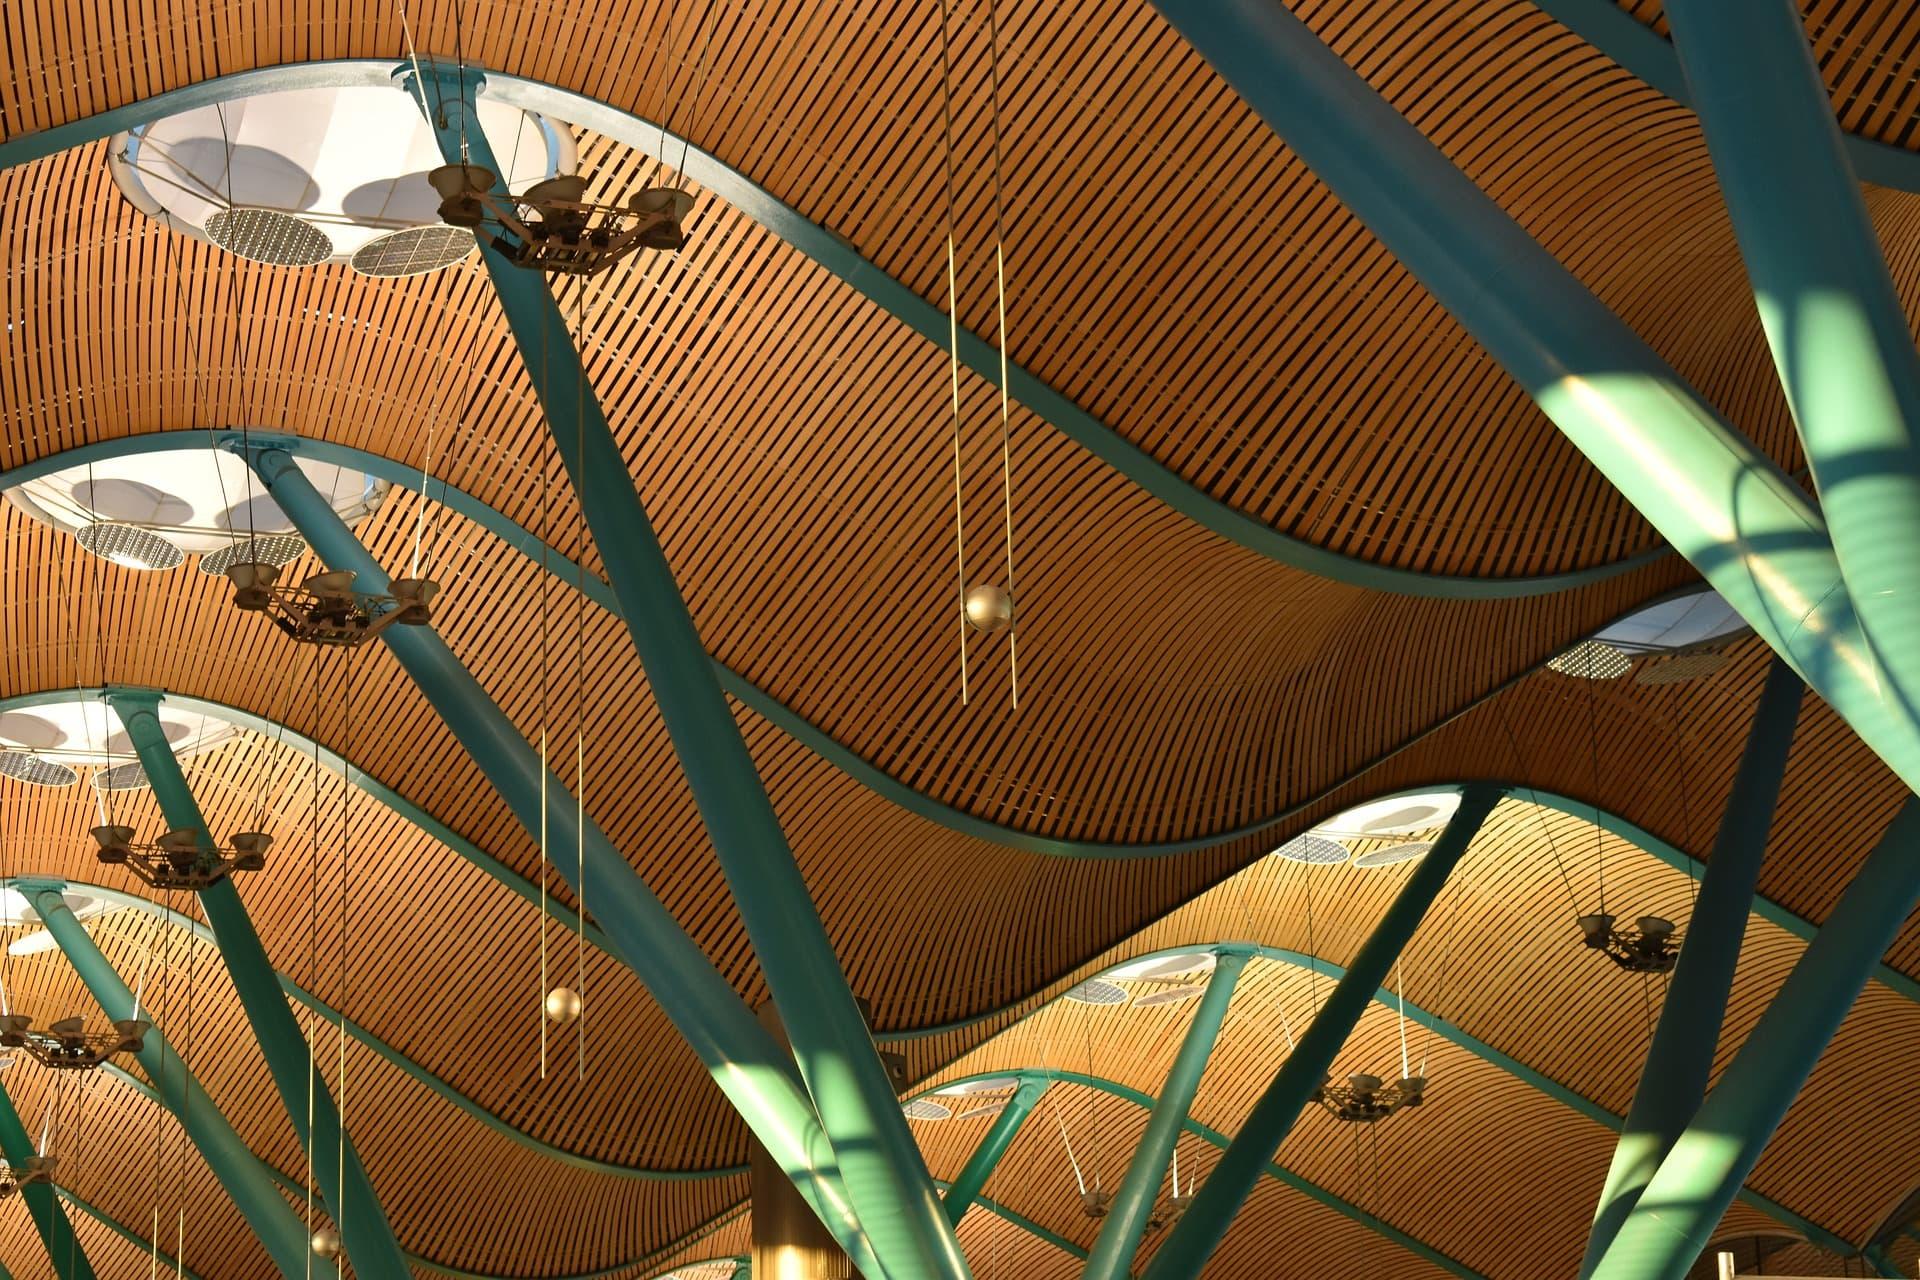 El aeropuerto de Madrid entre los 5 más cuquis del mundo 1